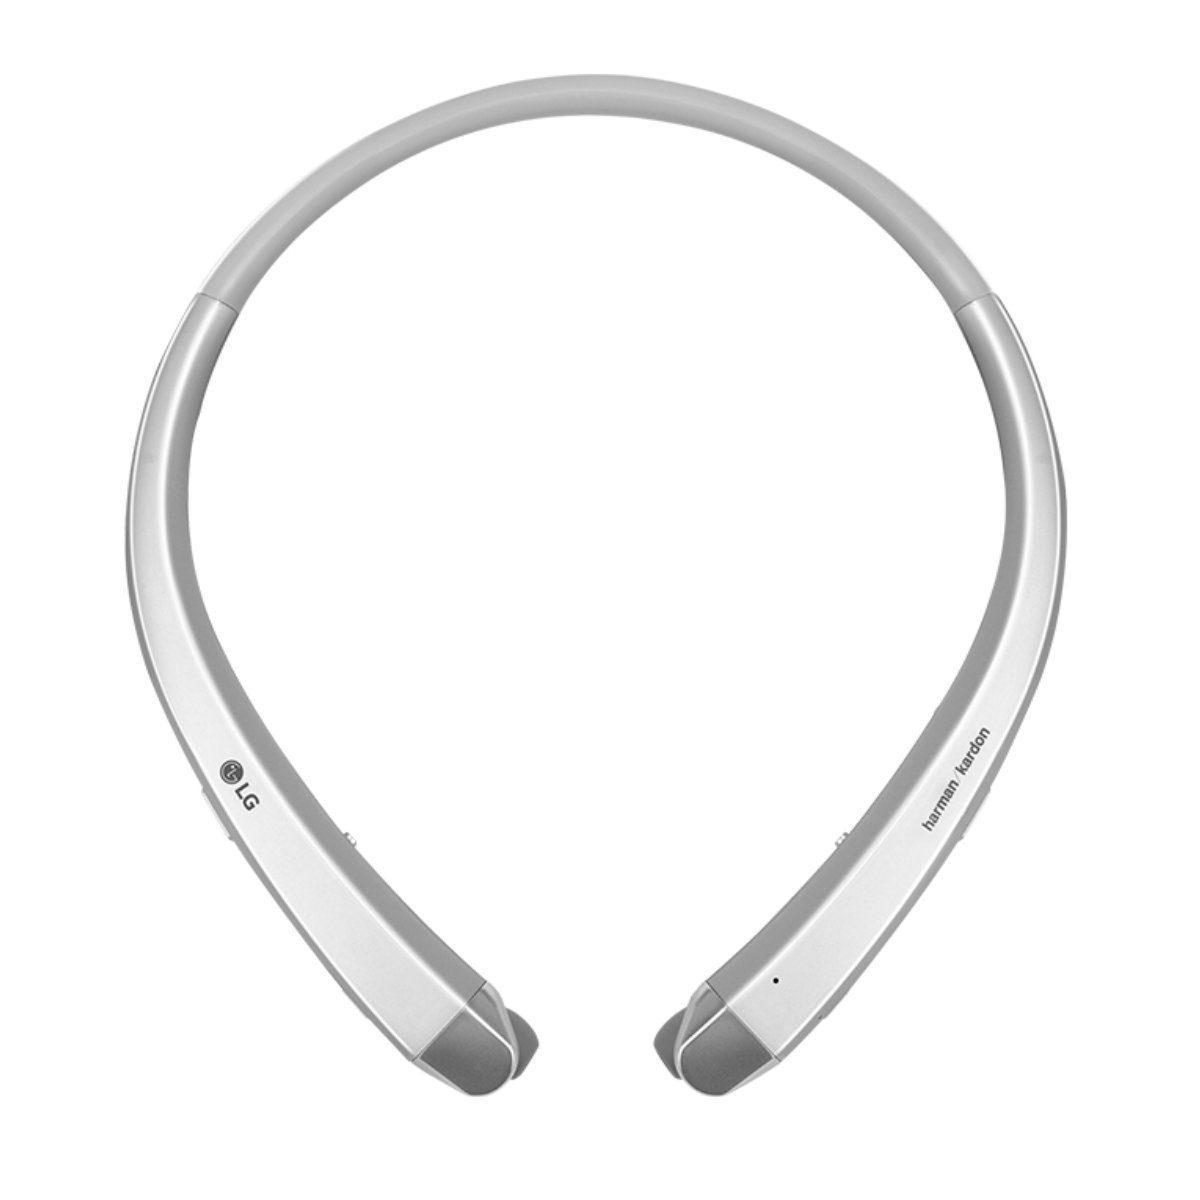 LG Einziehbarer Premium Bluetooth In-Ear-Kopfhörer »Tone Infinim«